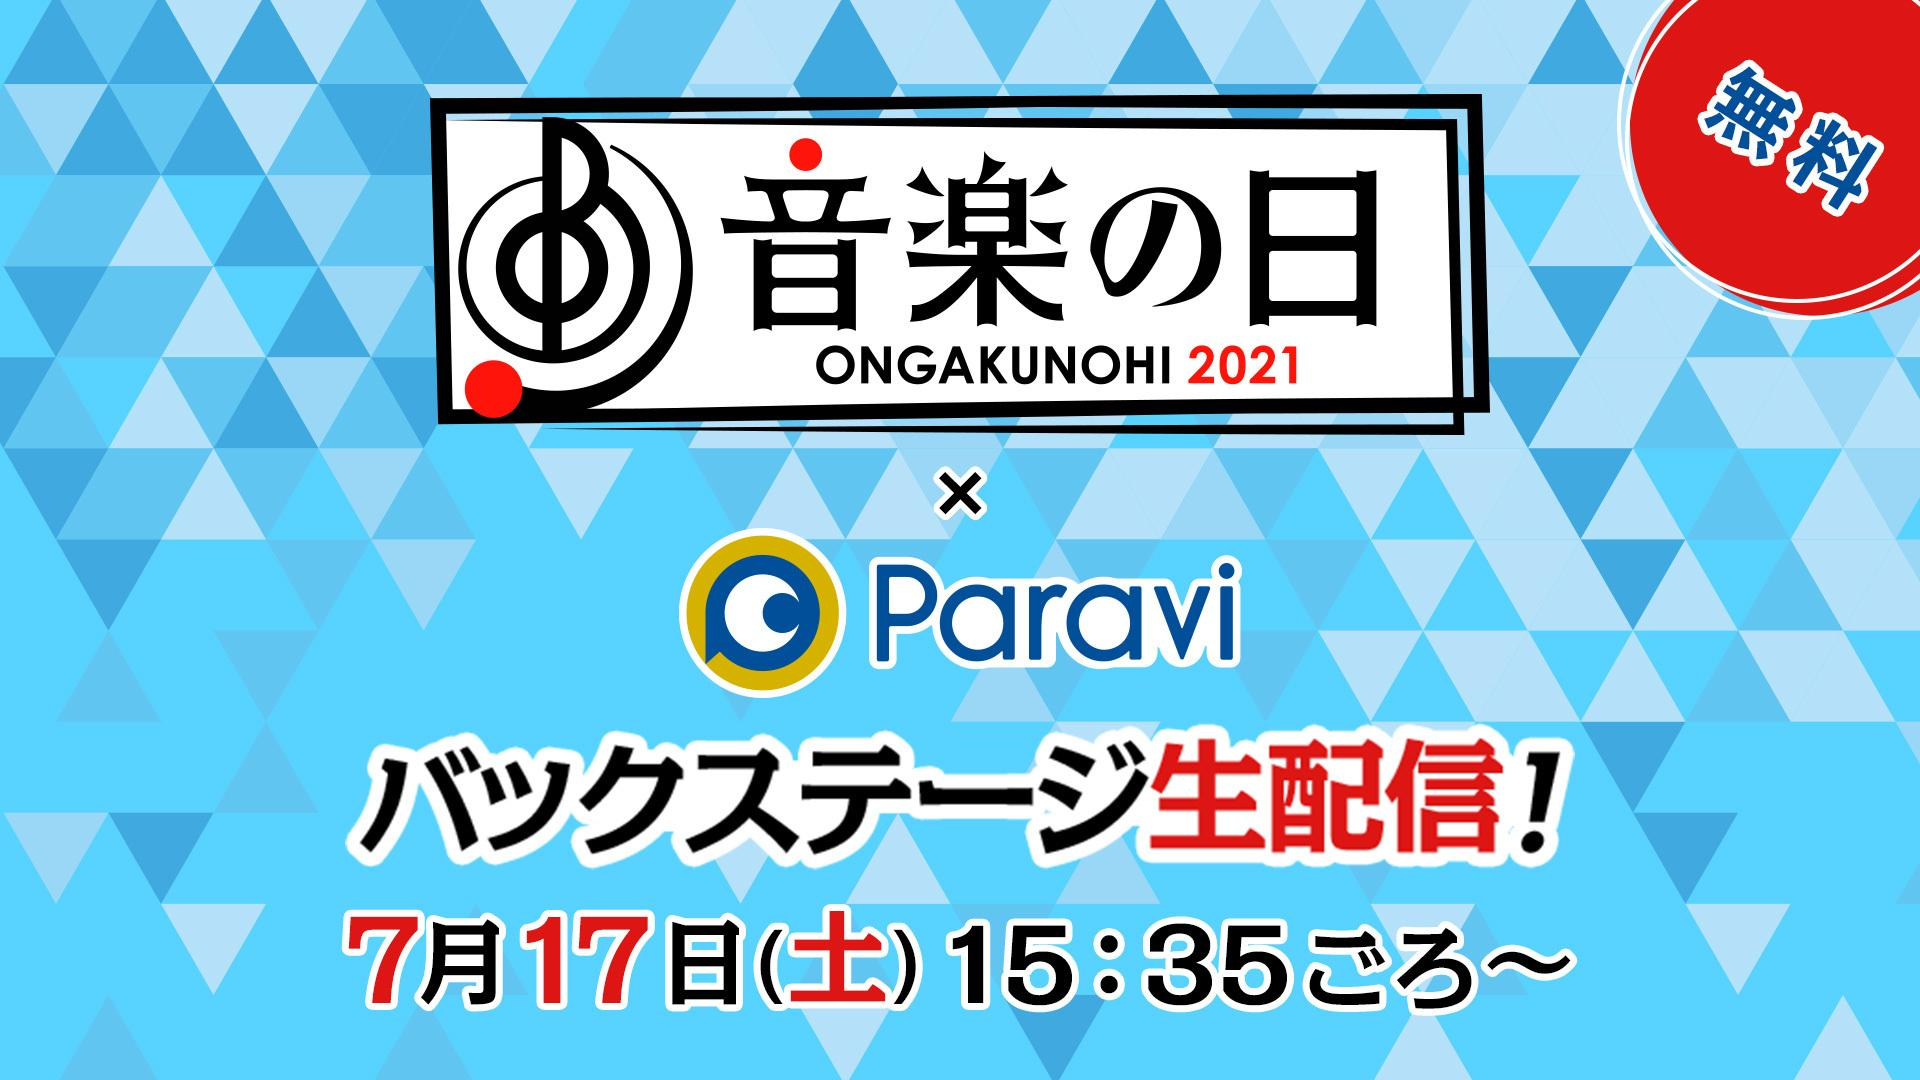 櫻坂46、刀剣男士らも登場!『音楽の日×Paravi バックステージ生配信』決定